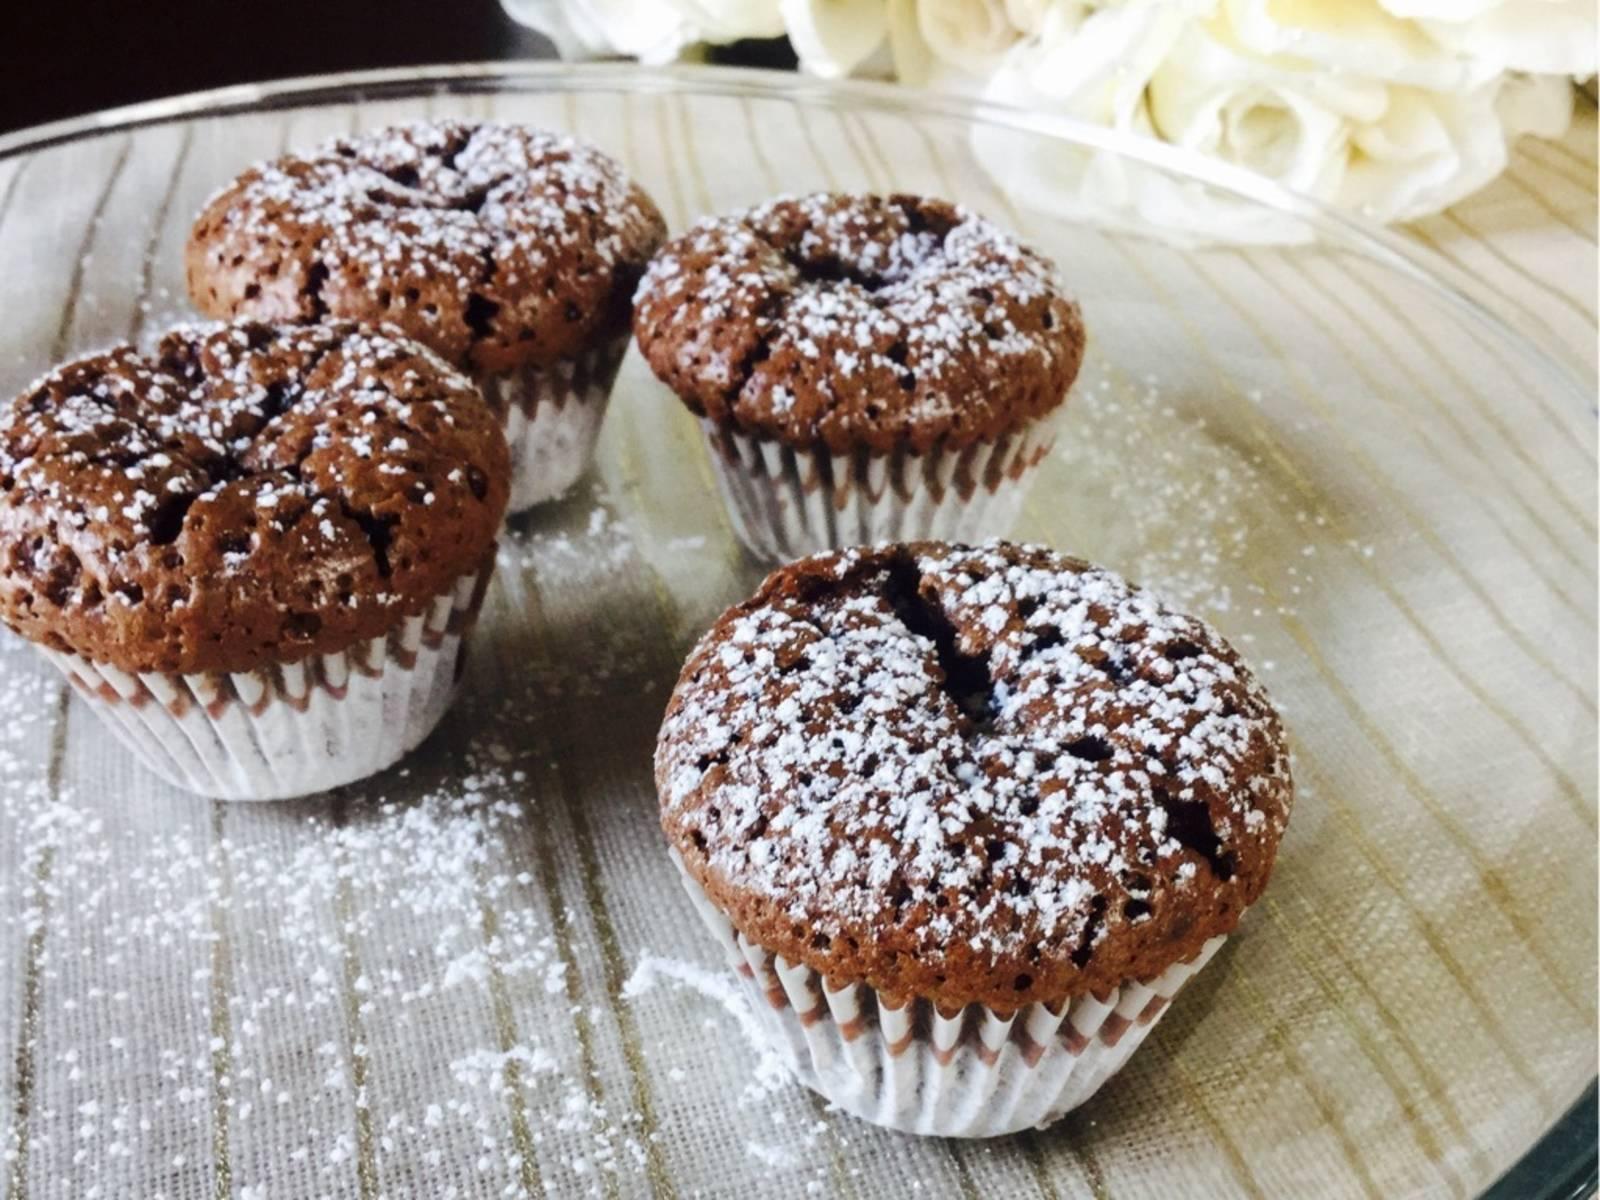 Erst Zucker, dann Eier hinzugeben und gut vermengen. Kakao- und Kaffeepulver hinzusieben, dann einen Teil des Vanilleextraktes sowie den Rum (falls erwünscht) hinzugeben und gut vermengen. Teig in die Papierförmchen füllen, bis sie 2/3 voll sind. Ca. 30 Min. bei 175°C backen. Aus dem Ofen nehmen und 5 Min. beiseite stellen. Dann aus der Muffinform nehmen und auf einem Kuchengitter kühlen.